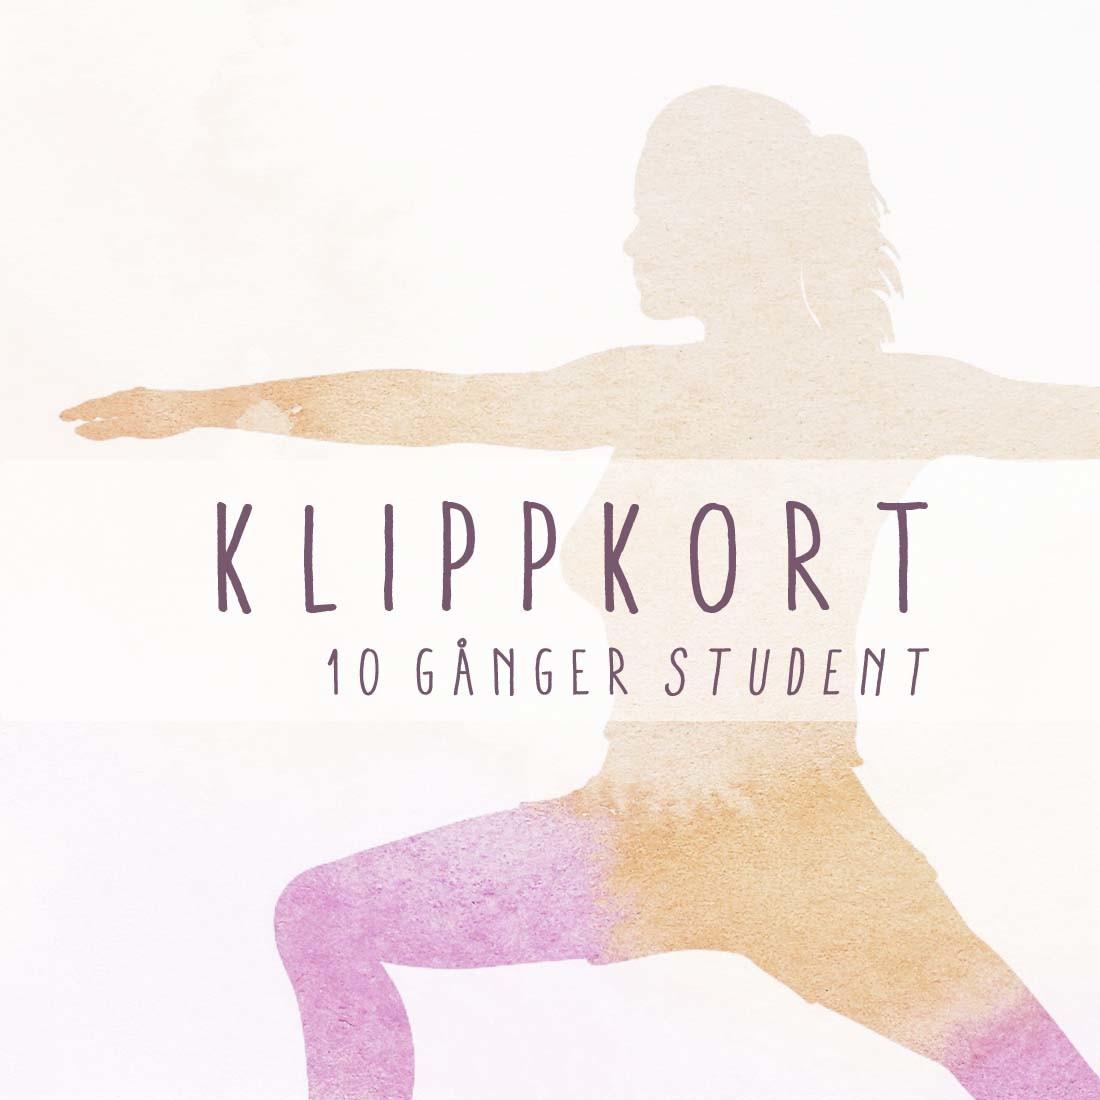 Studentyoga – Klippkort 10 gånger (giltigt 1 år) – Hot Yoga Uppsala feedc2a8fa654